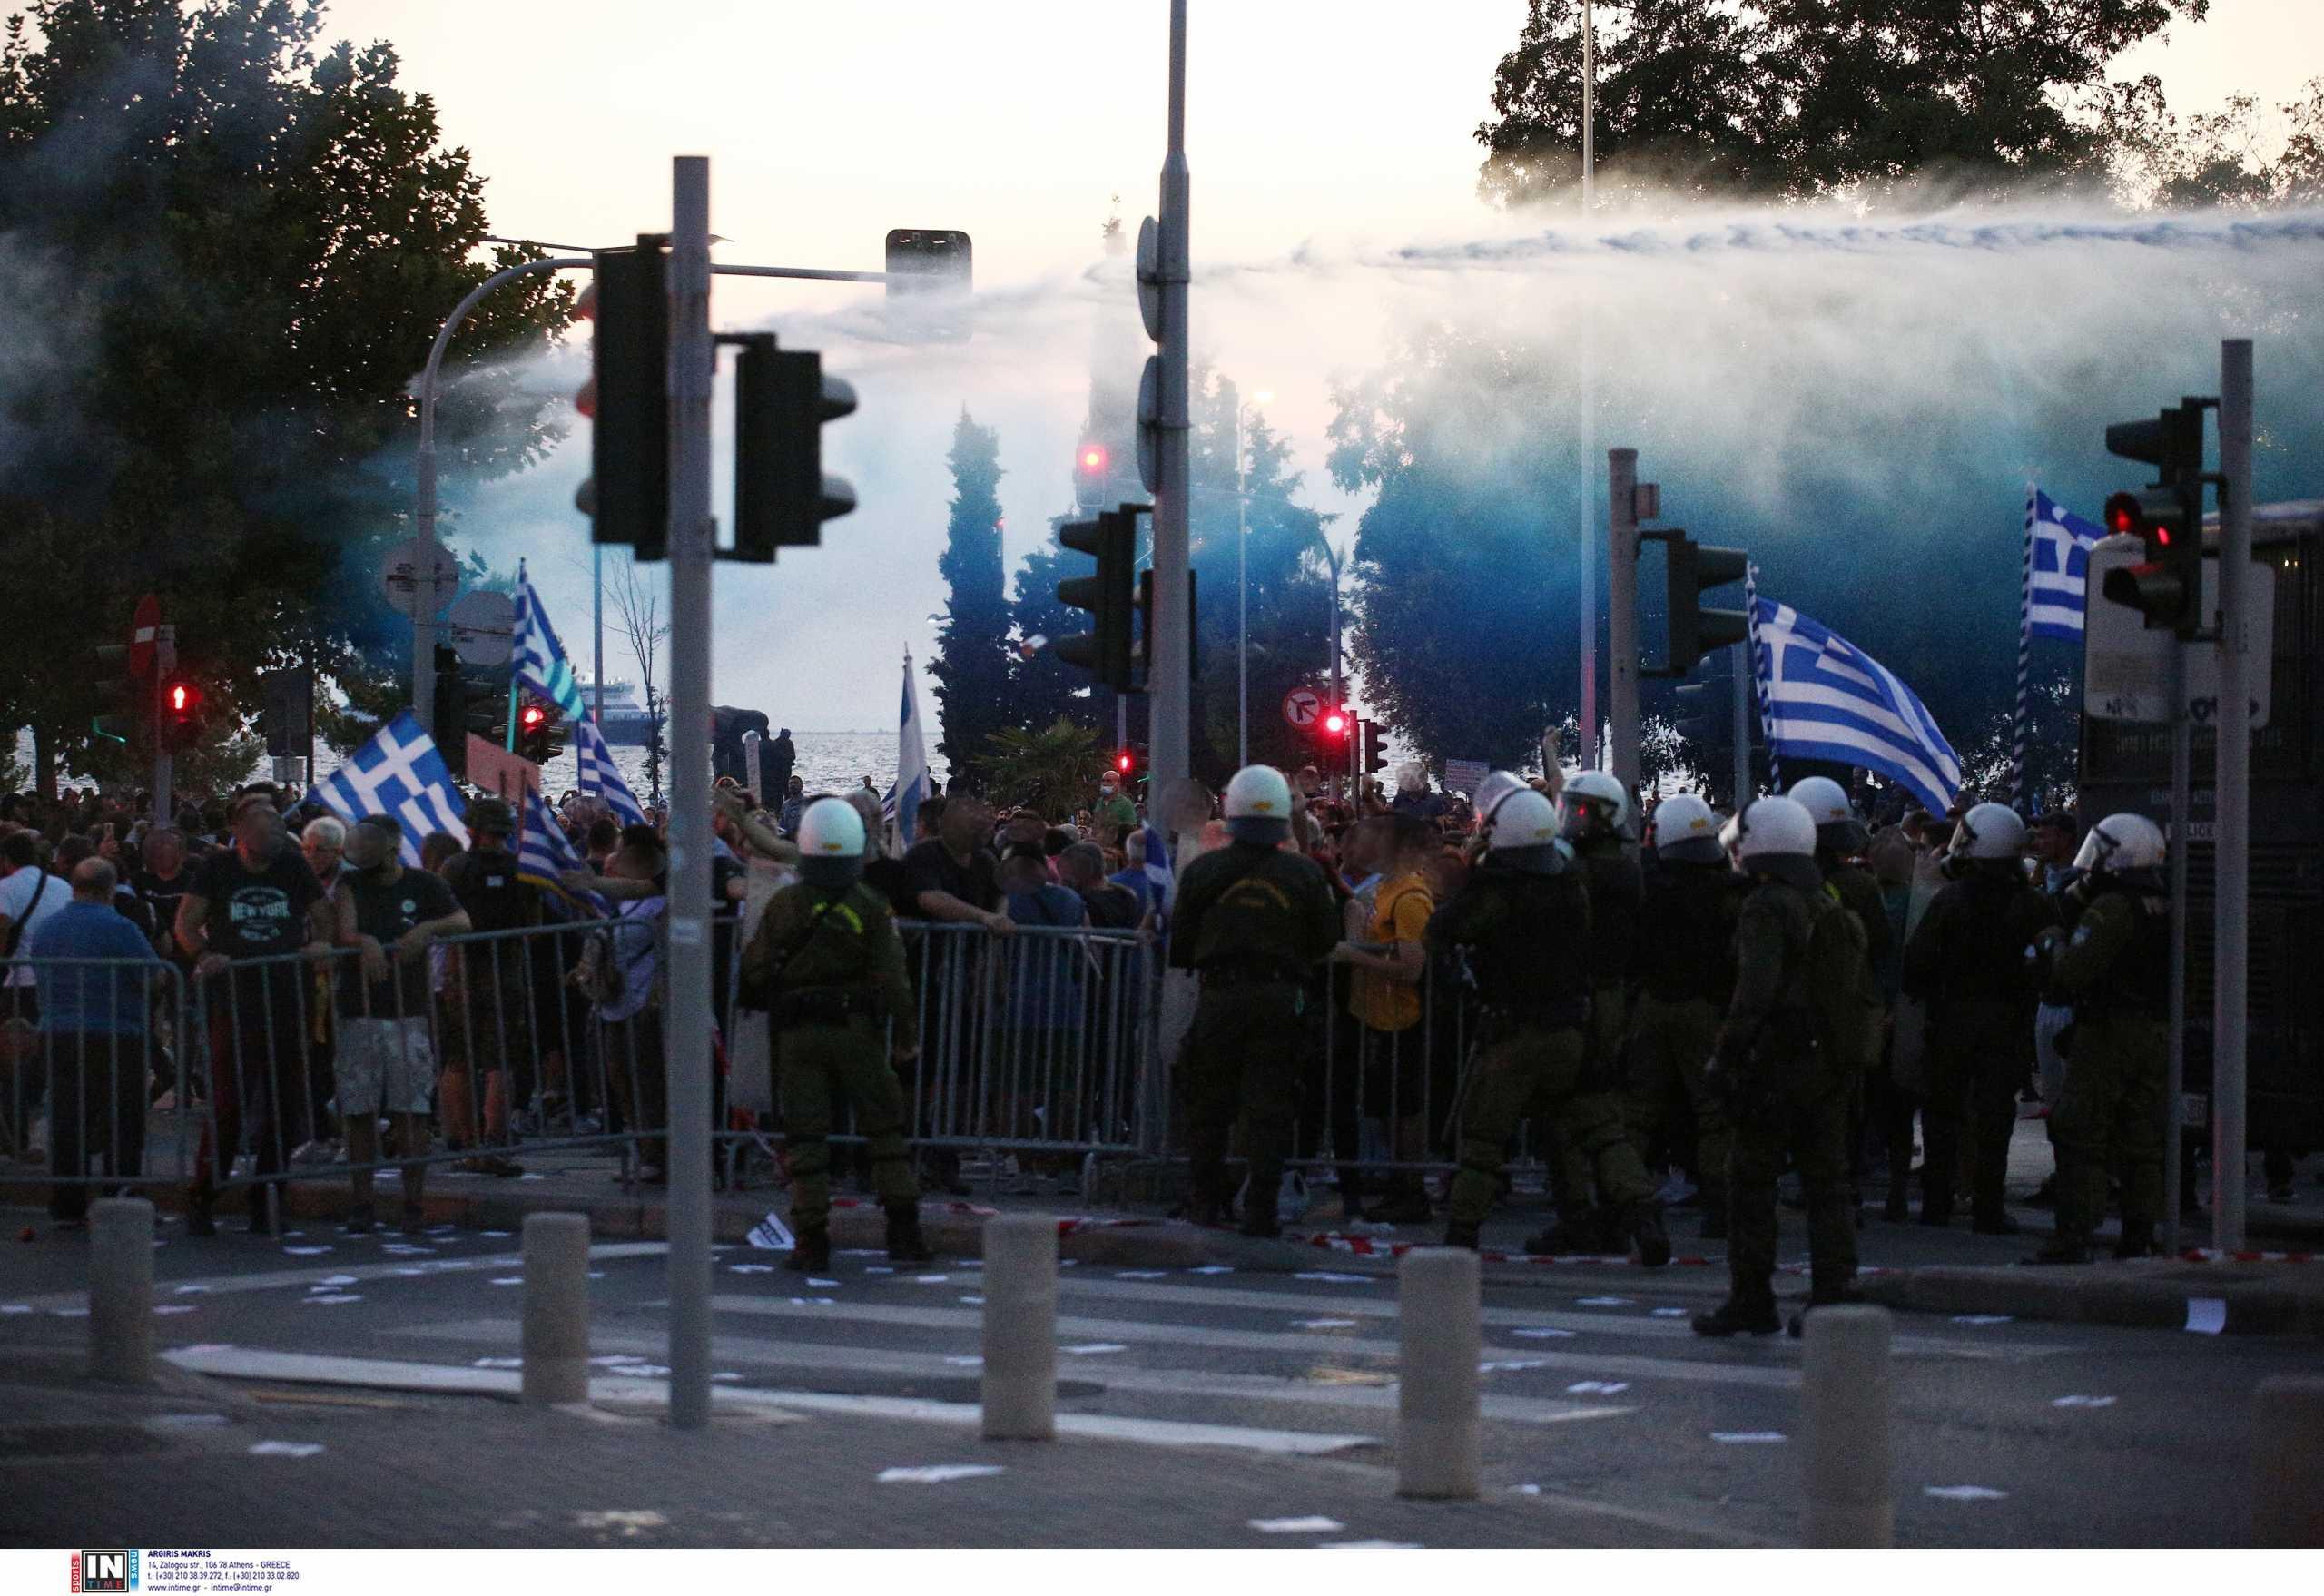 Θεσσαλονίκη: Ελεύθεροι αφέθηκαν οι συλληφθέντες για τα επεισόδια του περασμένου Σαββάτου